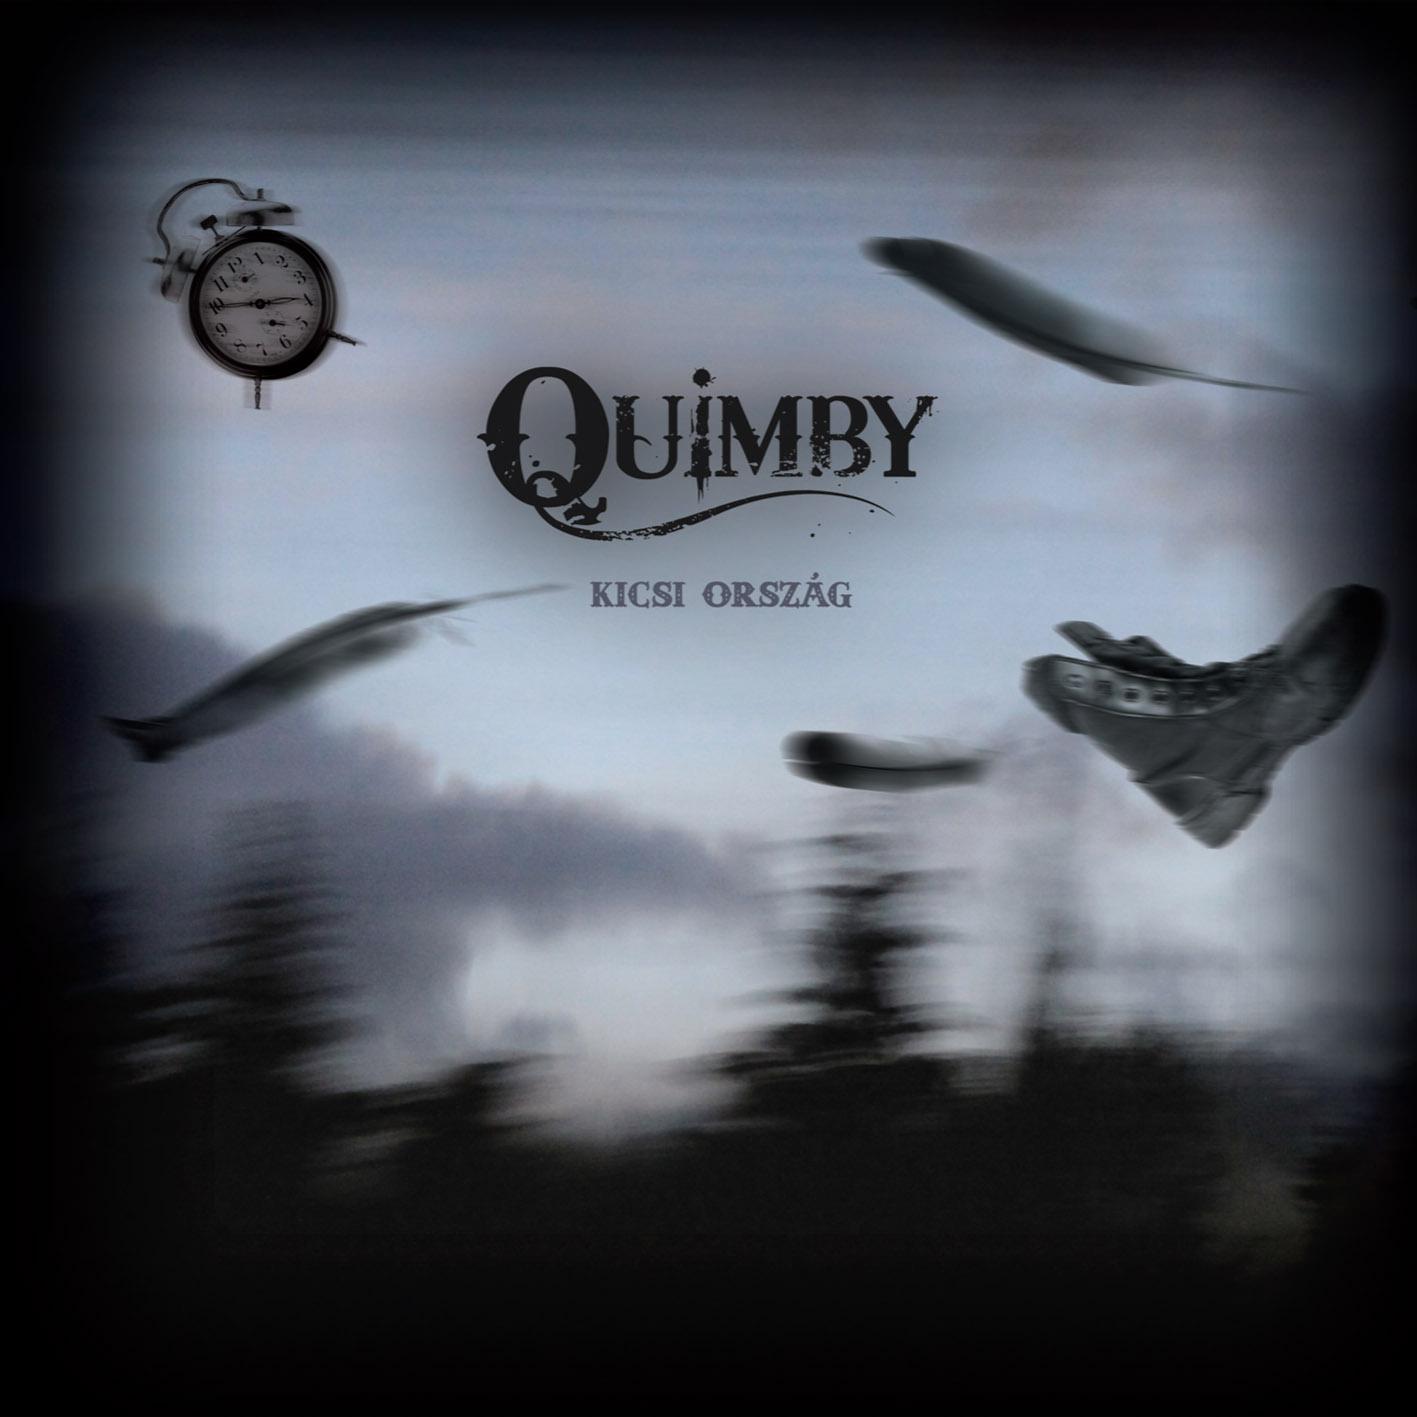 Quimby - Kicsi ország